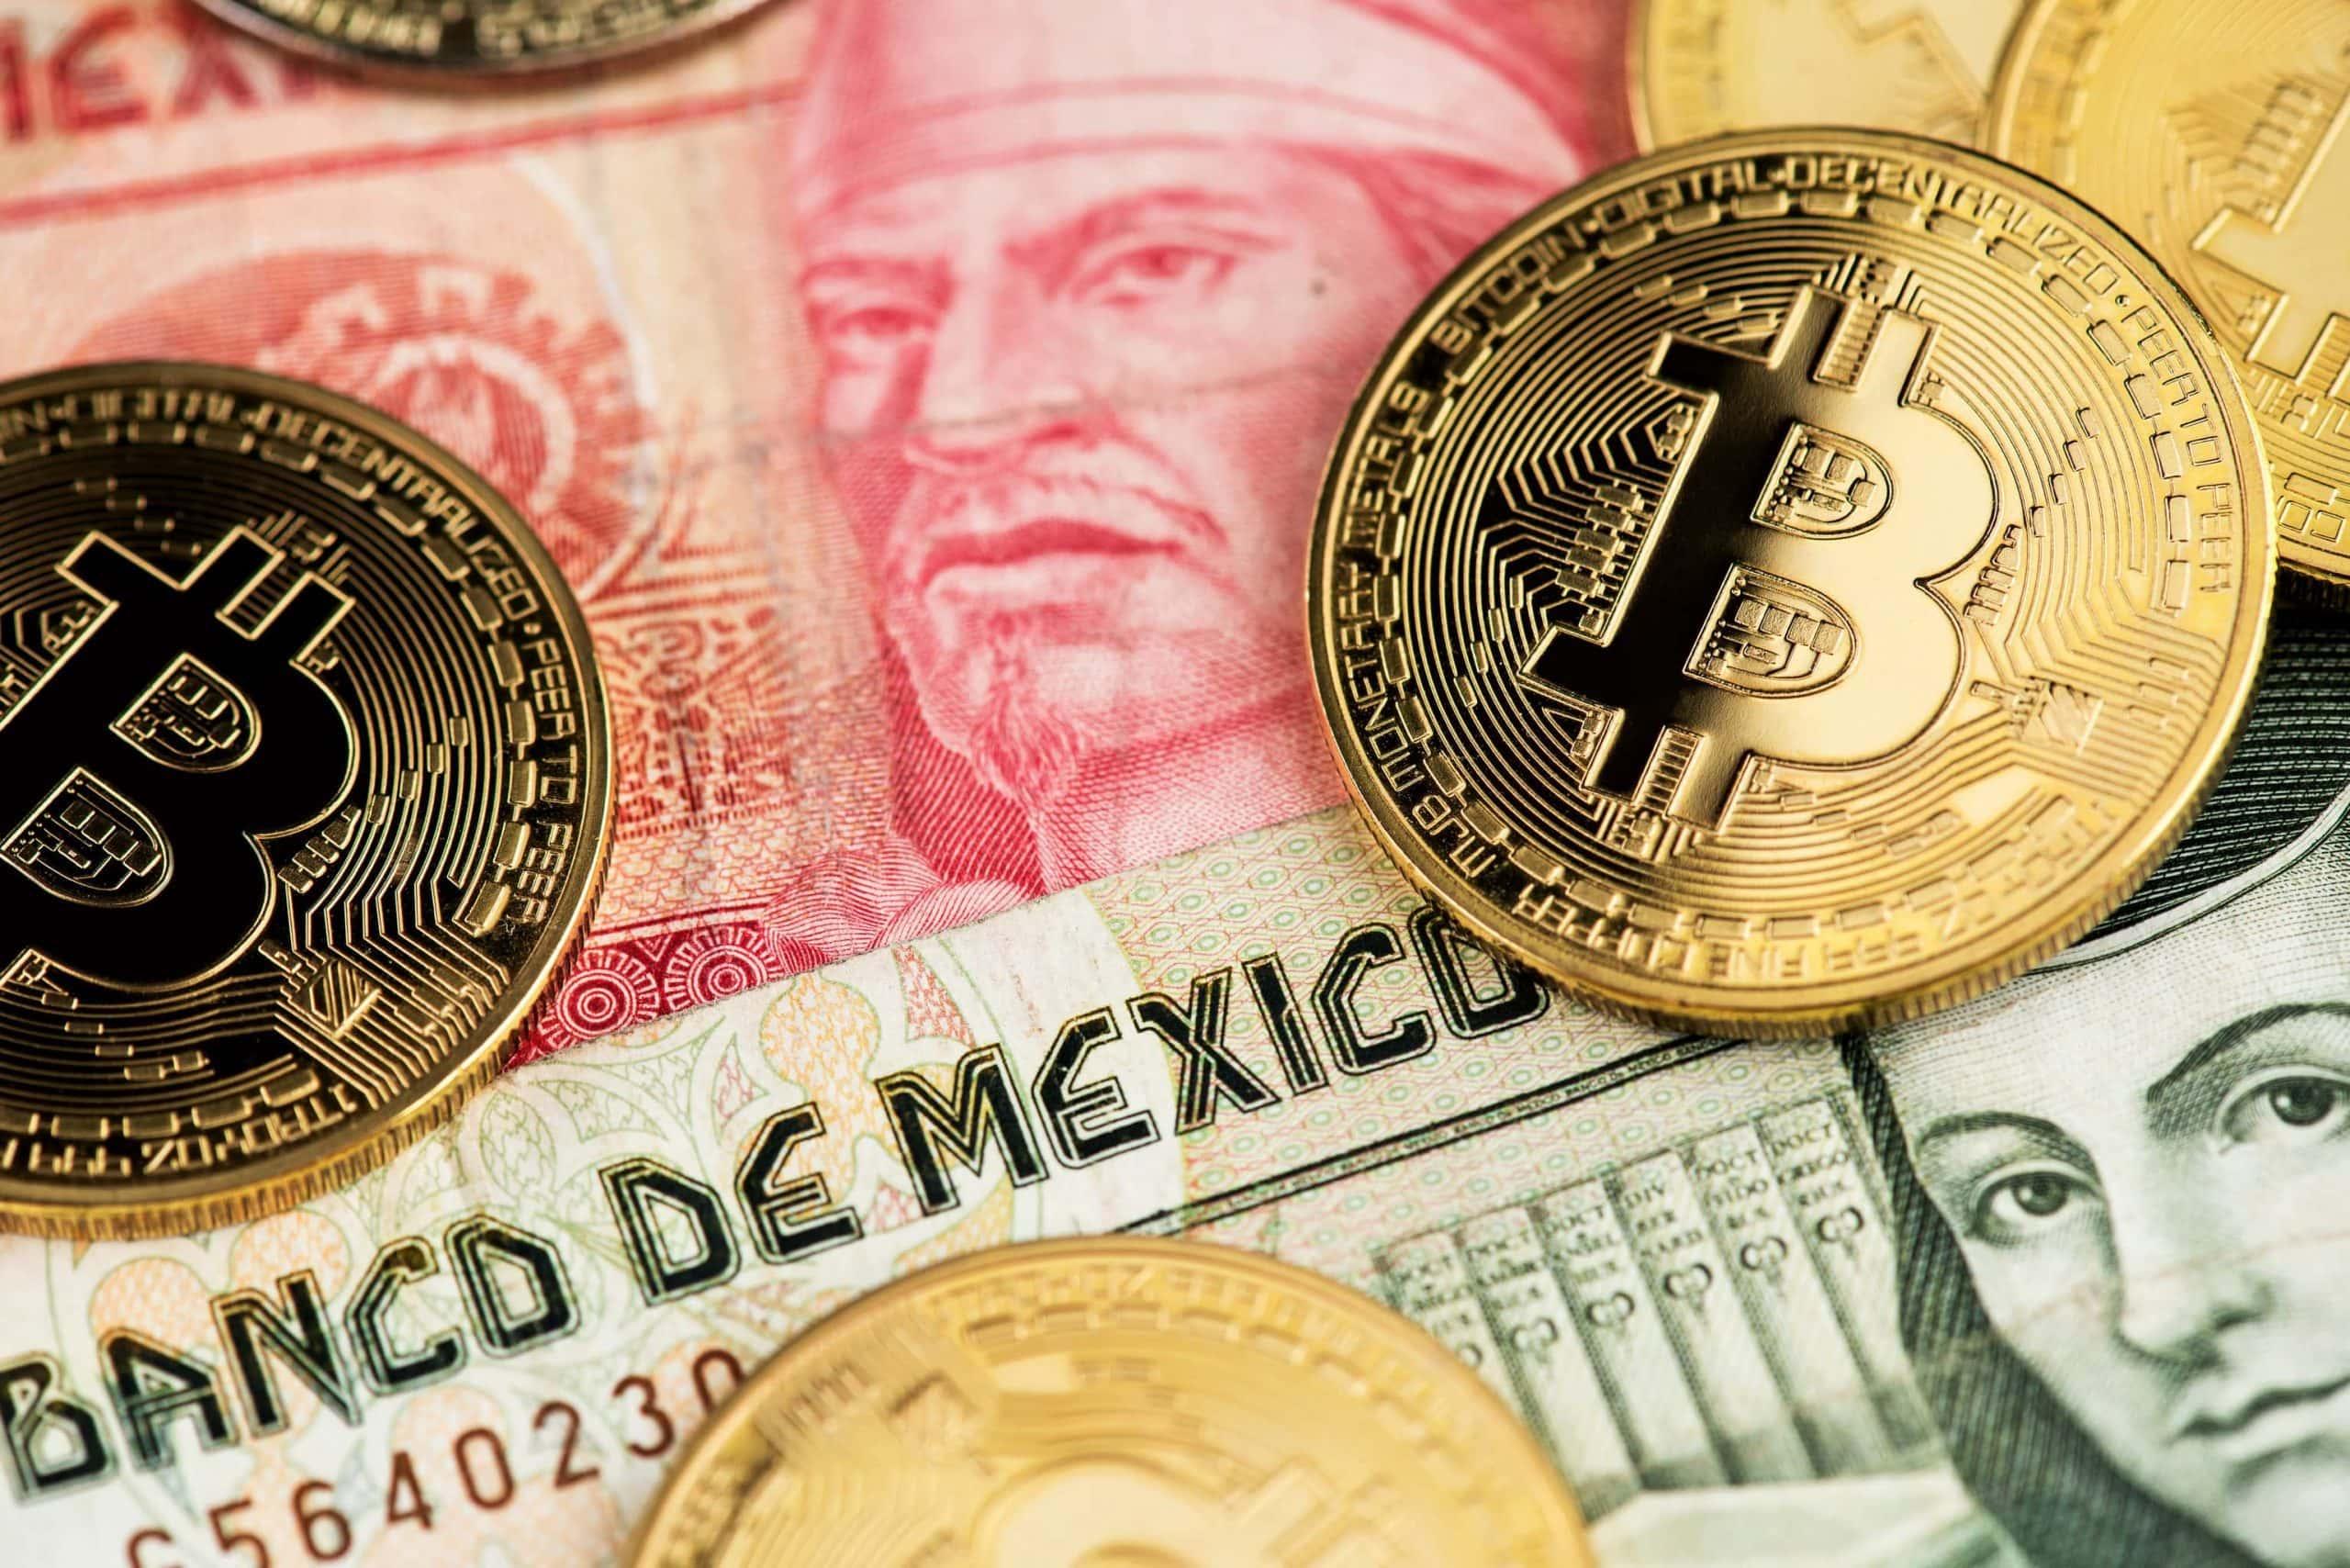 Bitcoin-Münzen liegen auf mehreren mexikanischen Peso-Noten.